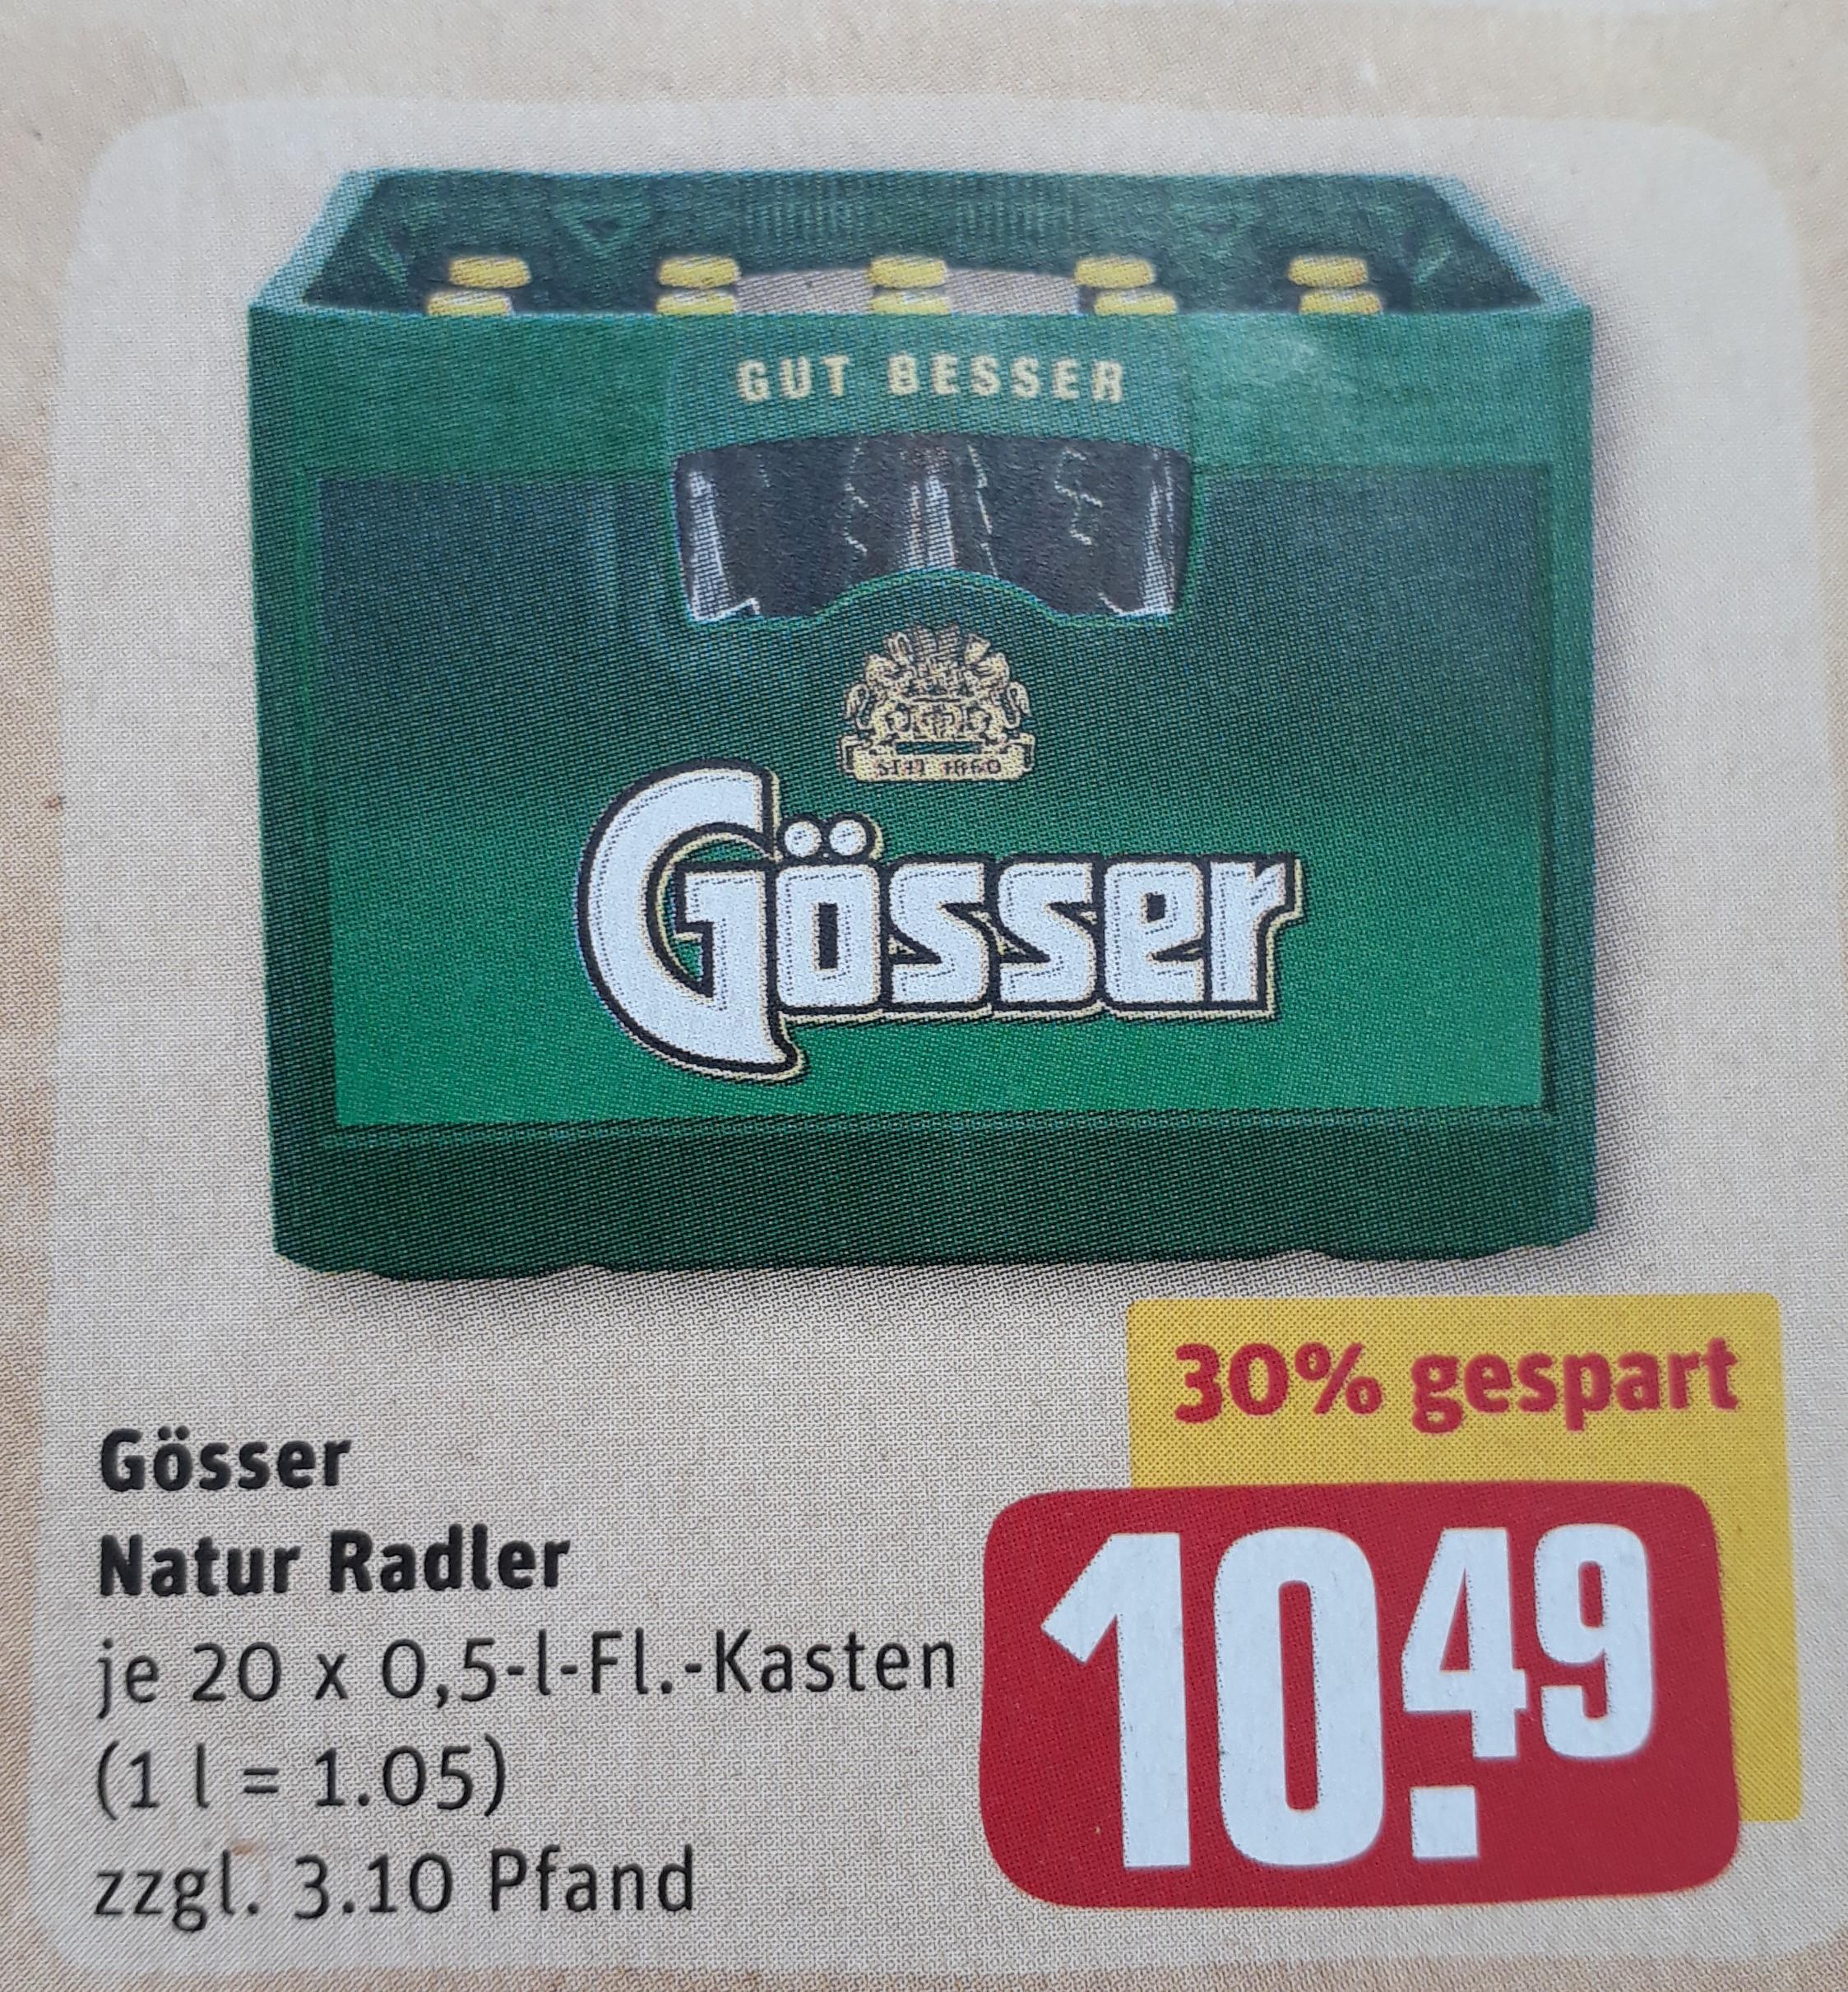 Gösser Naturradler 20 x 0.5l für 10,49 € (+ Pfand) @ Rewe-Center Raum München ab 15.03.